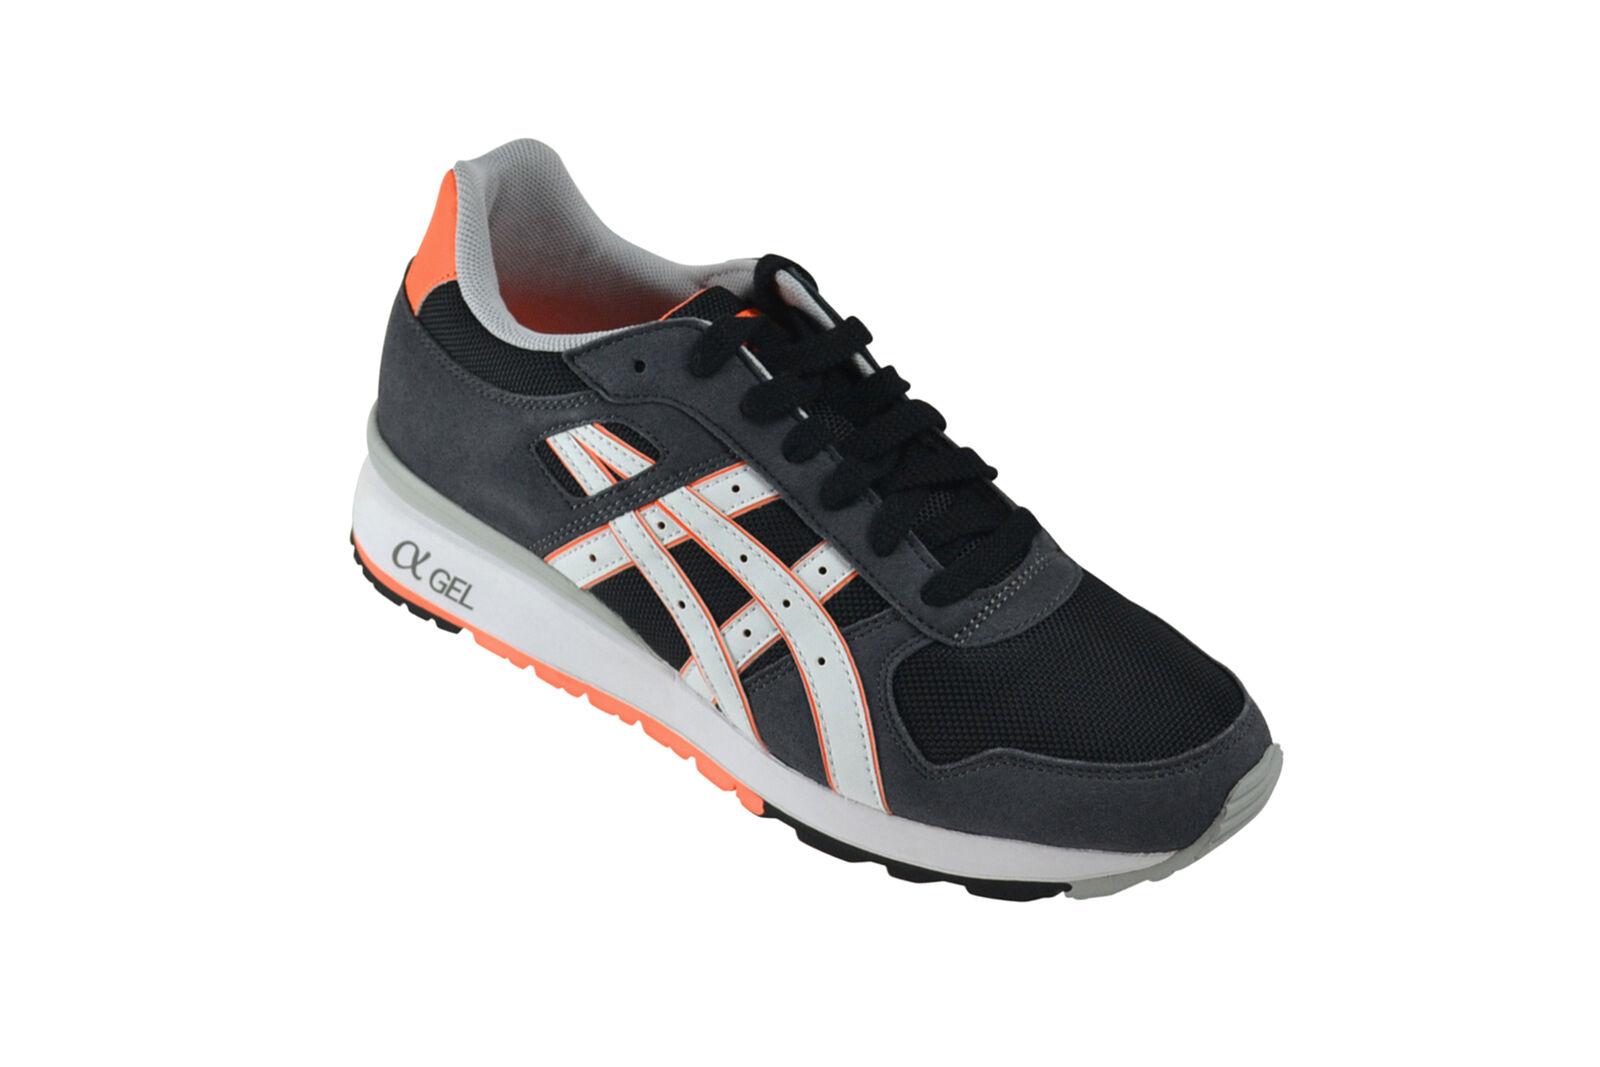 Asics GT-II black bright orange Sneaker grau H406N 9001